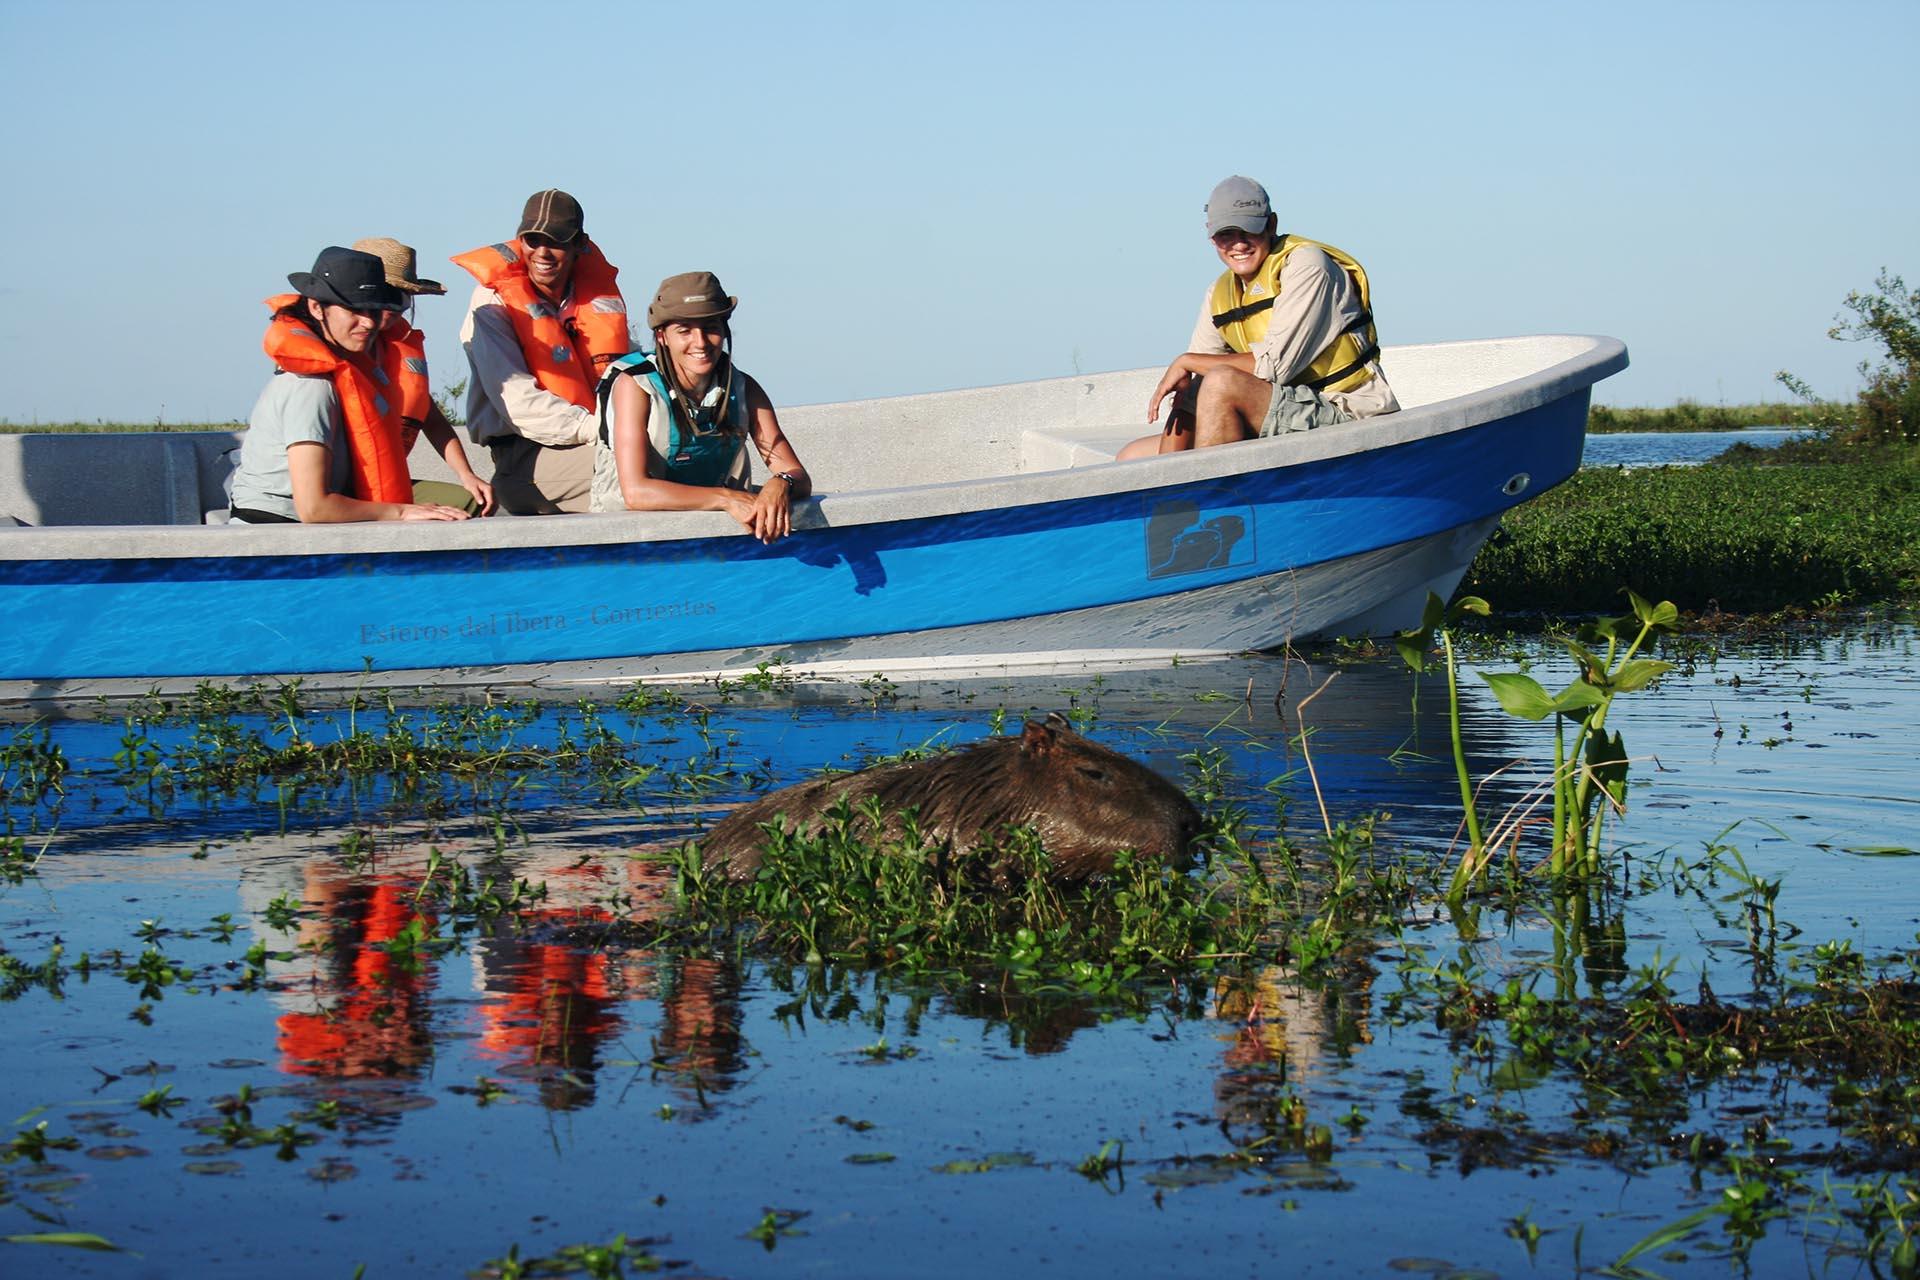 """Lagunas, suelos flotantes de vegetación y un bote que espera para envolverse en paisajes de otro mundo. Iberá quiere decir """"agua brillante"""" en guaraní. Es uno de los grandes complejos de humedales de agua dulce del planeta"""